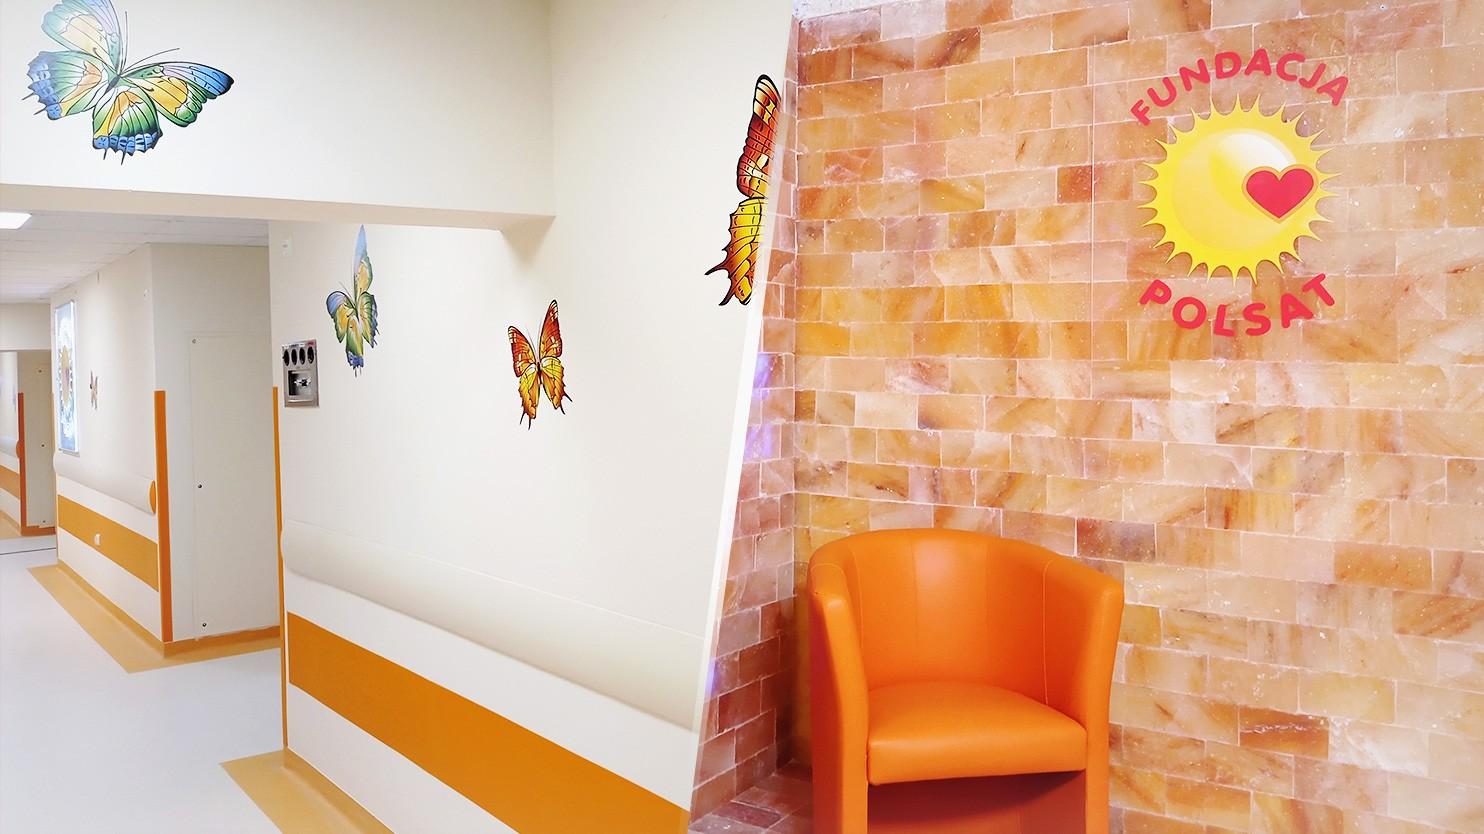 Fundacja Polsat pomogła odmienić Oddział Otolaryngologii Dziecięcej Szpitala w Rybniku